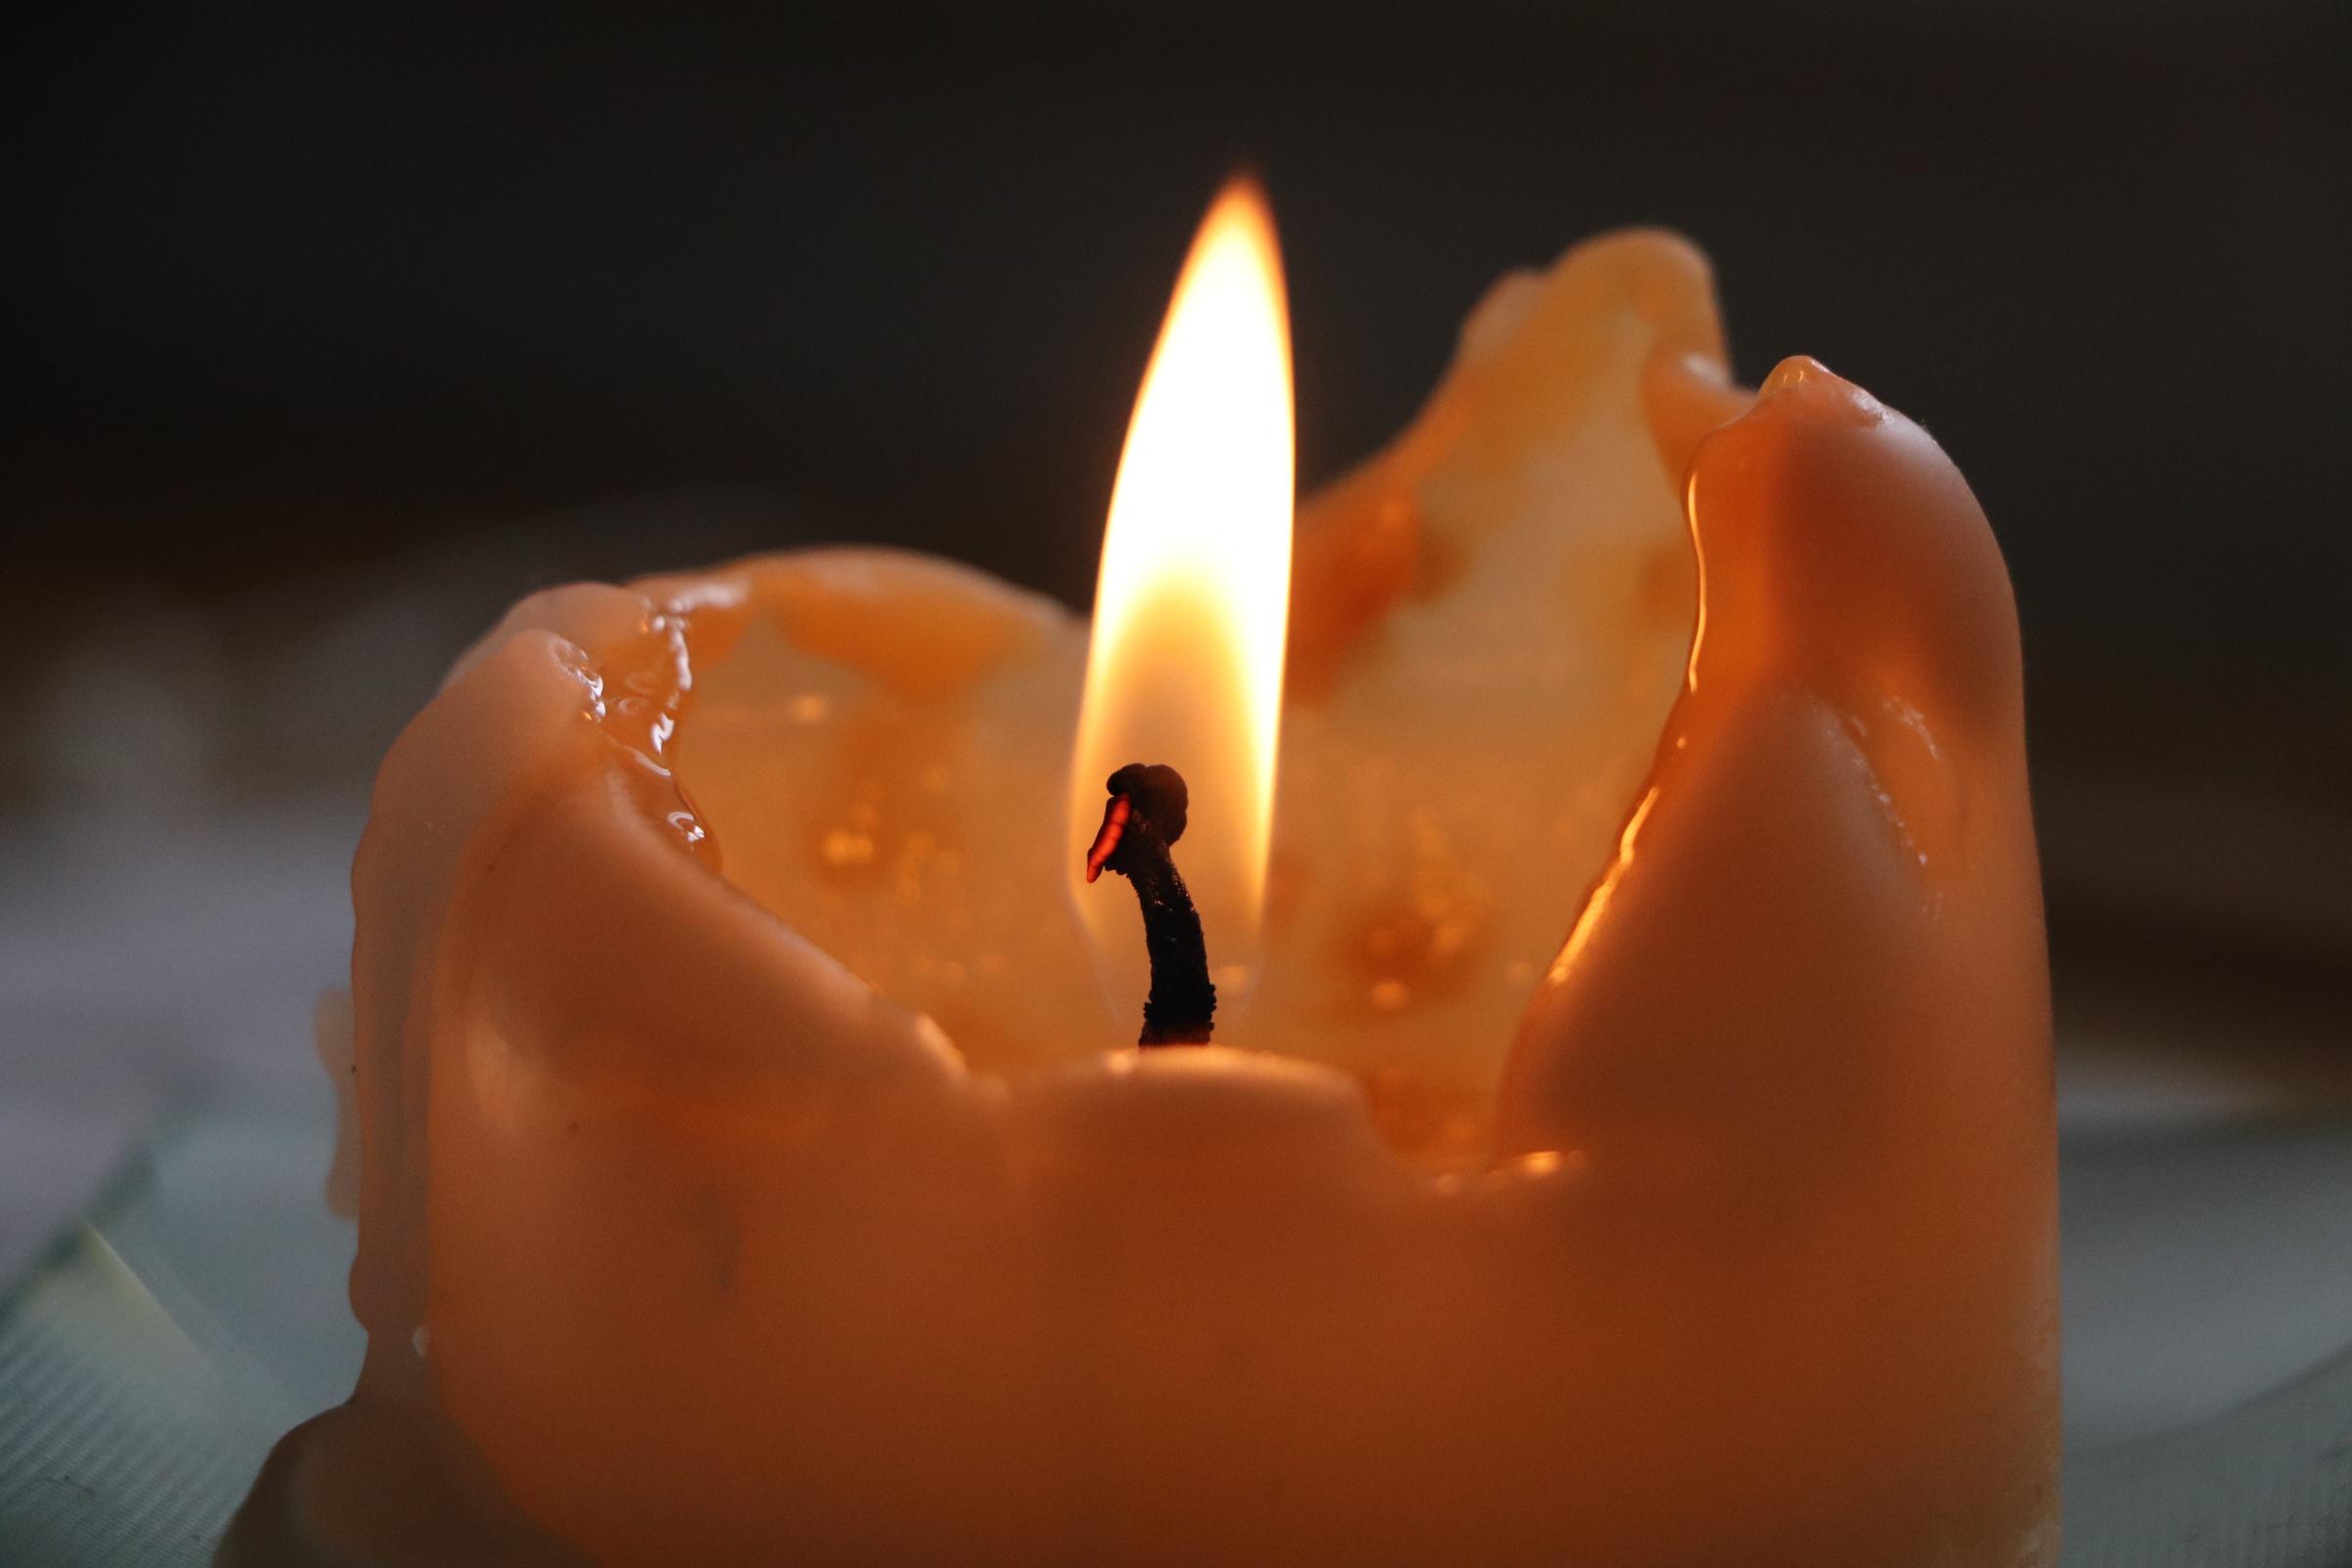 Hausgebet für unsere Verstorbenen